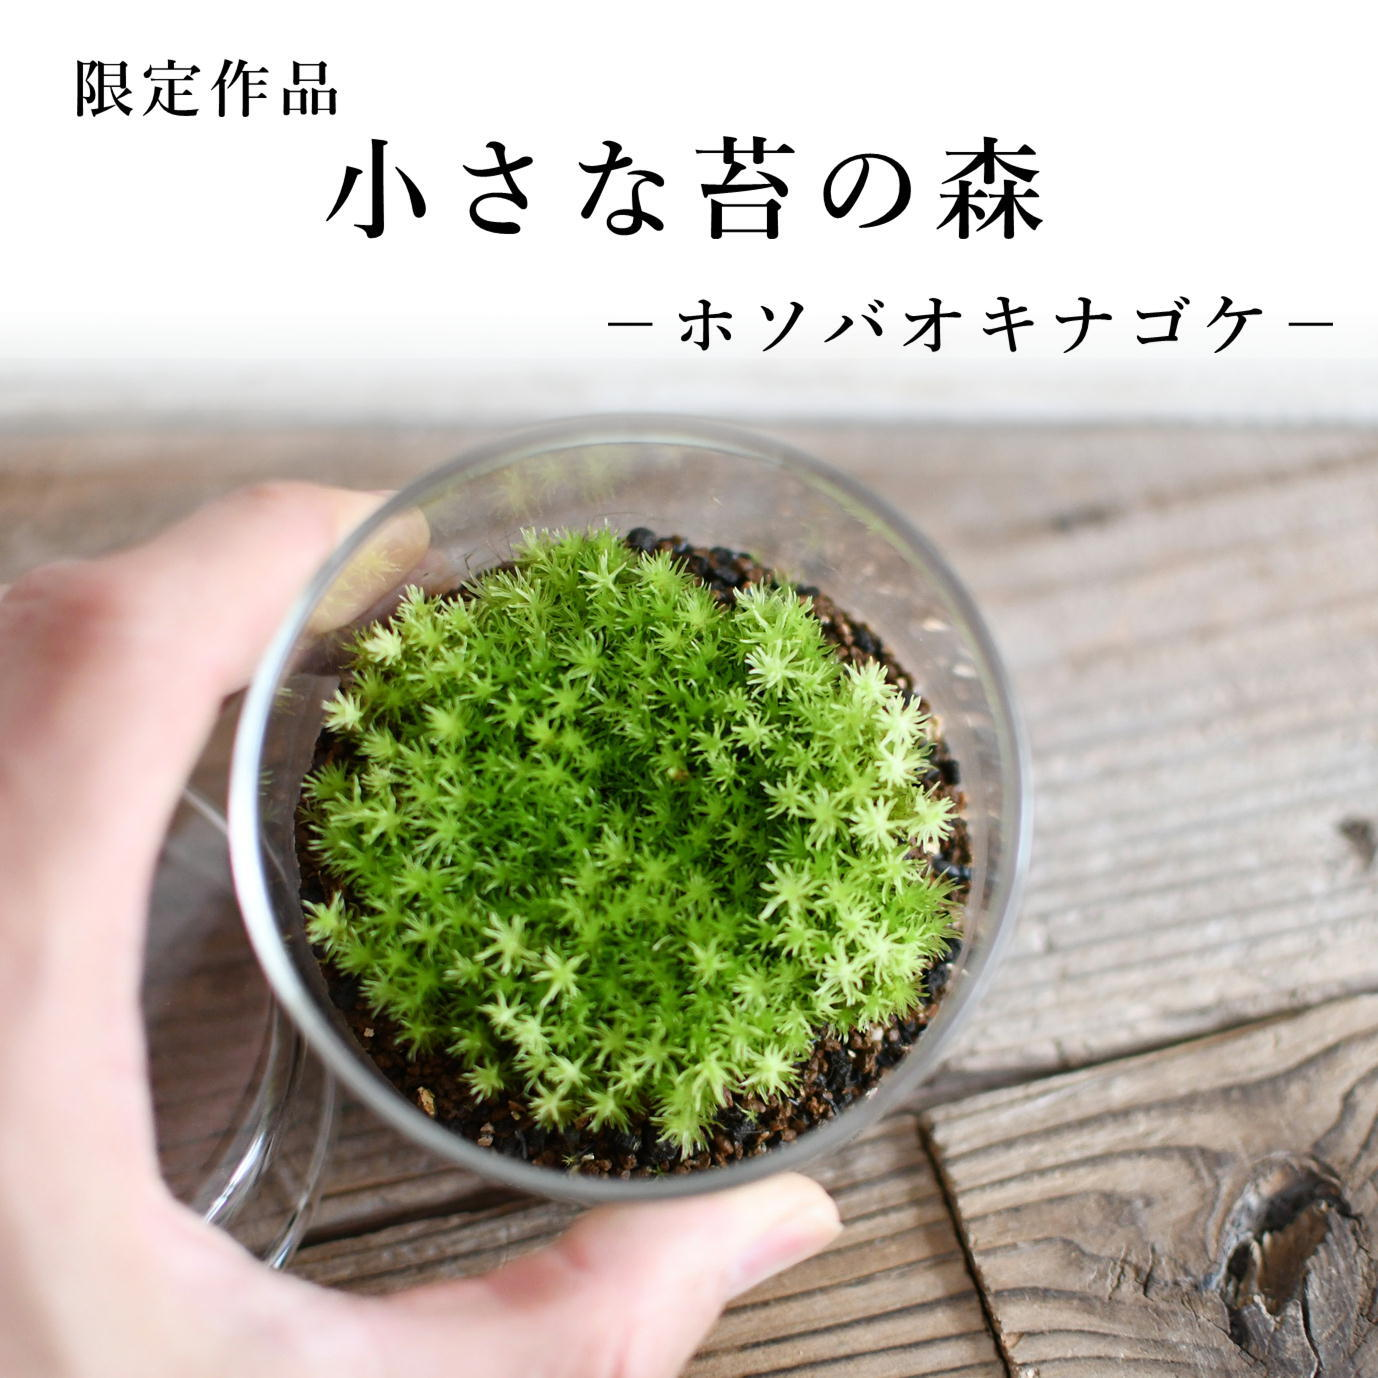 小さな苔の森−ホソバオキナゴケ− 2021.6.27#6【苔テラリウム・現物限定販売】